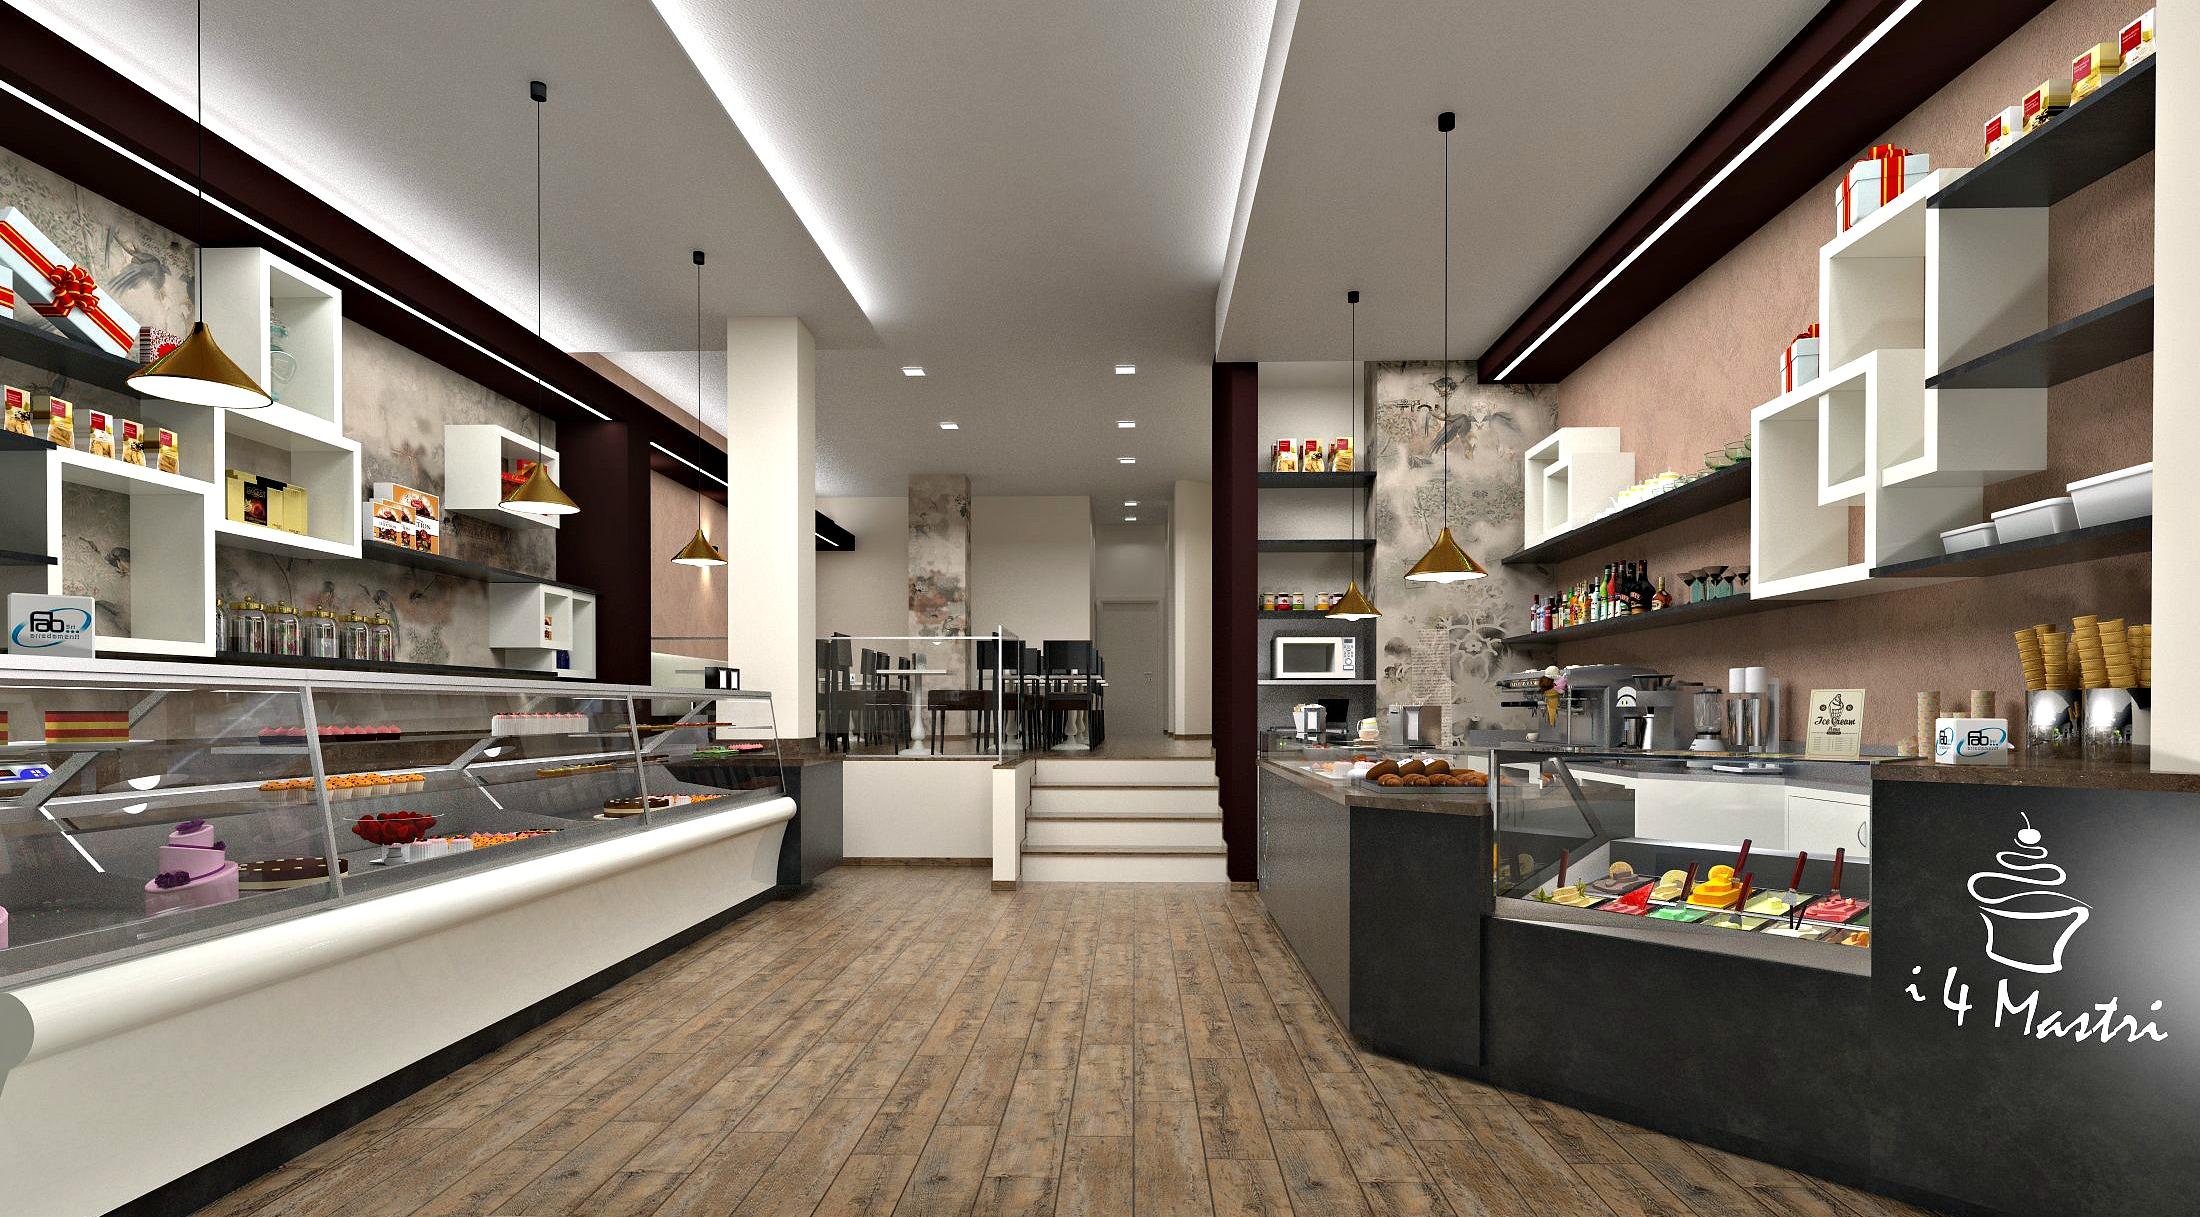 Foto di un possibile progetto per l'ingresso della Vista del banco caffetteria gelateria presso la Pasticceria Caffetteria i 4 Mastri a Milano